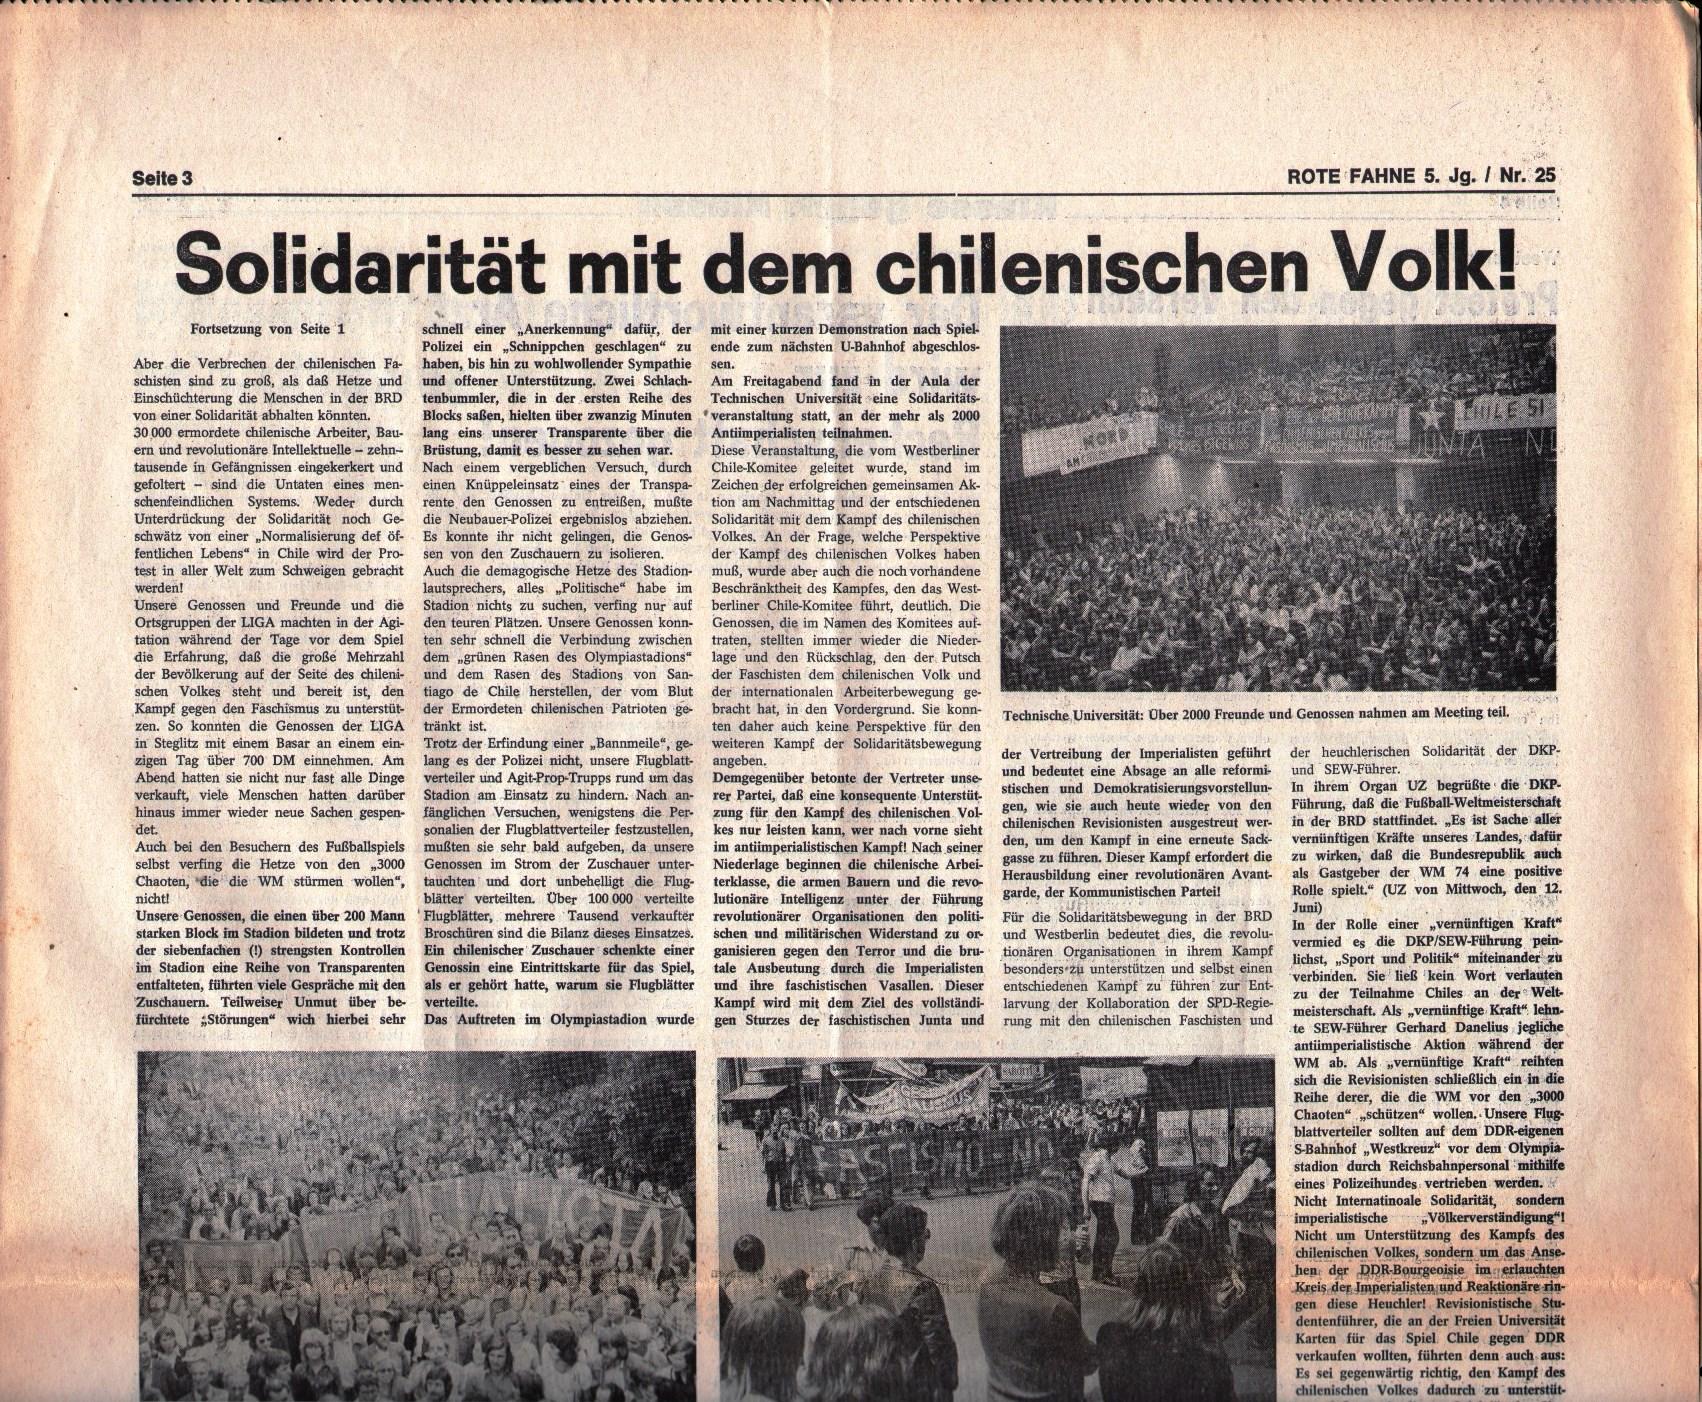 KPD_Rote_Fahne_1974_25_05